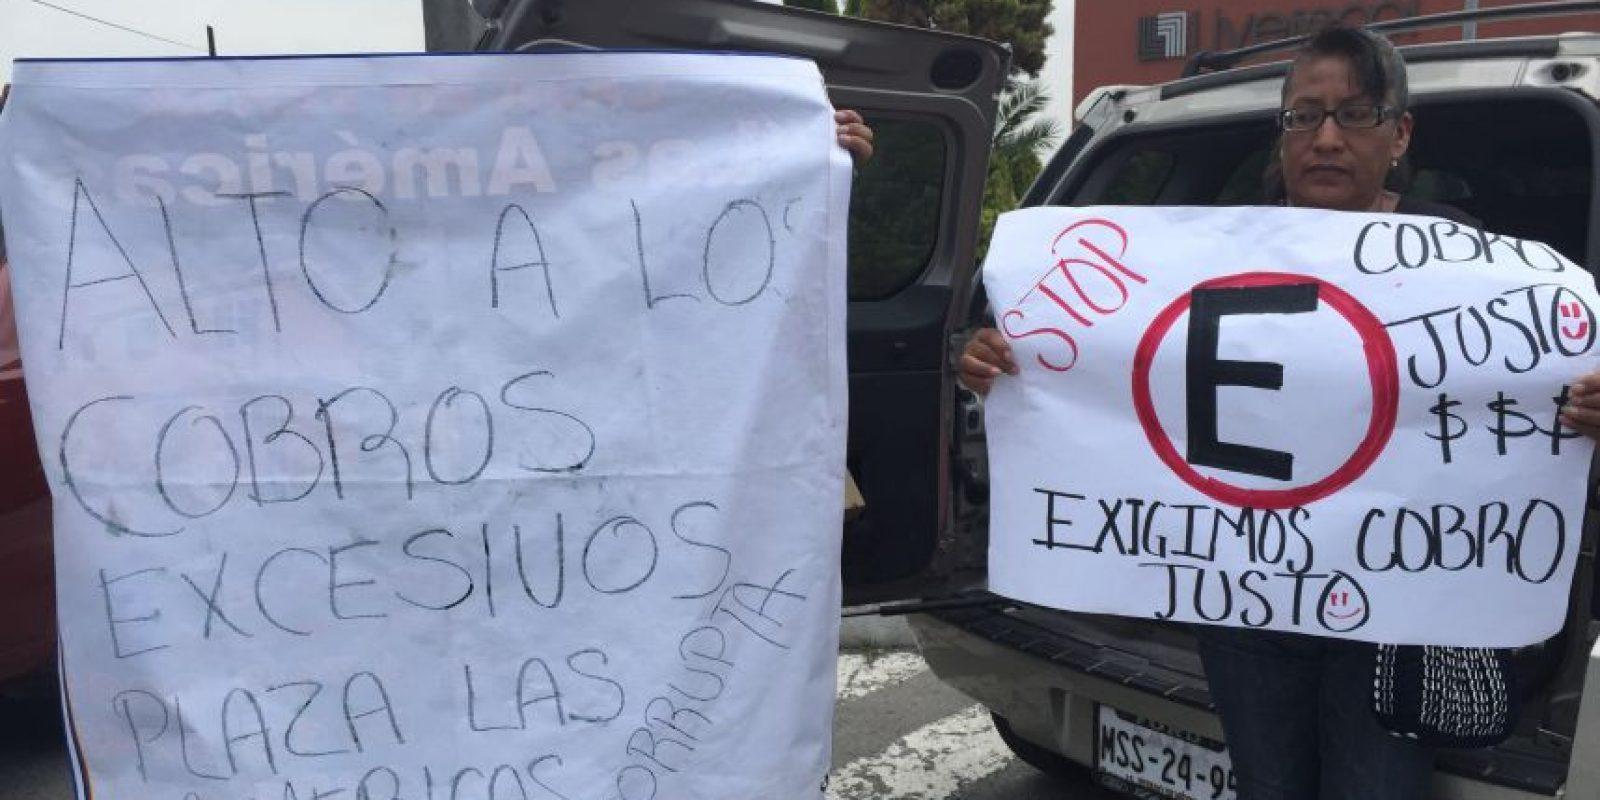 Diversos usuarios se han manifestado contra los cobros excesivos Foto:cuartoscuro/archivo